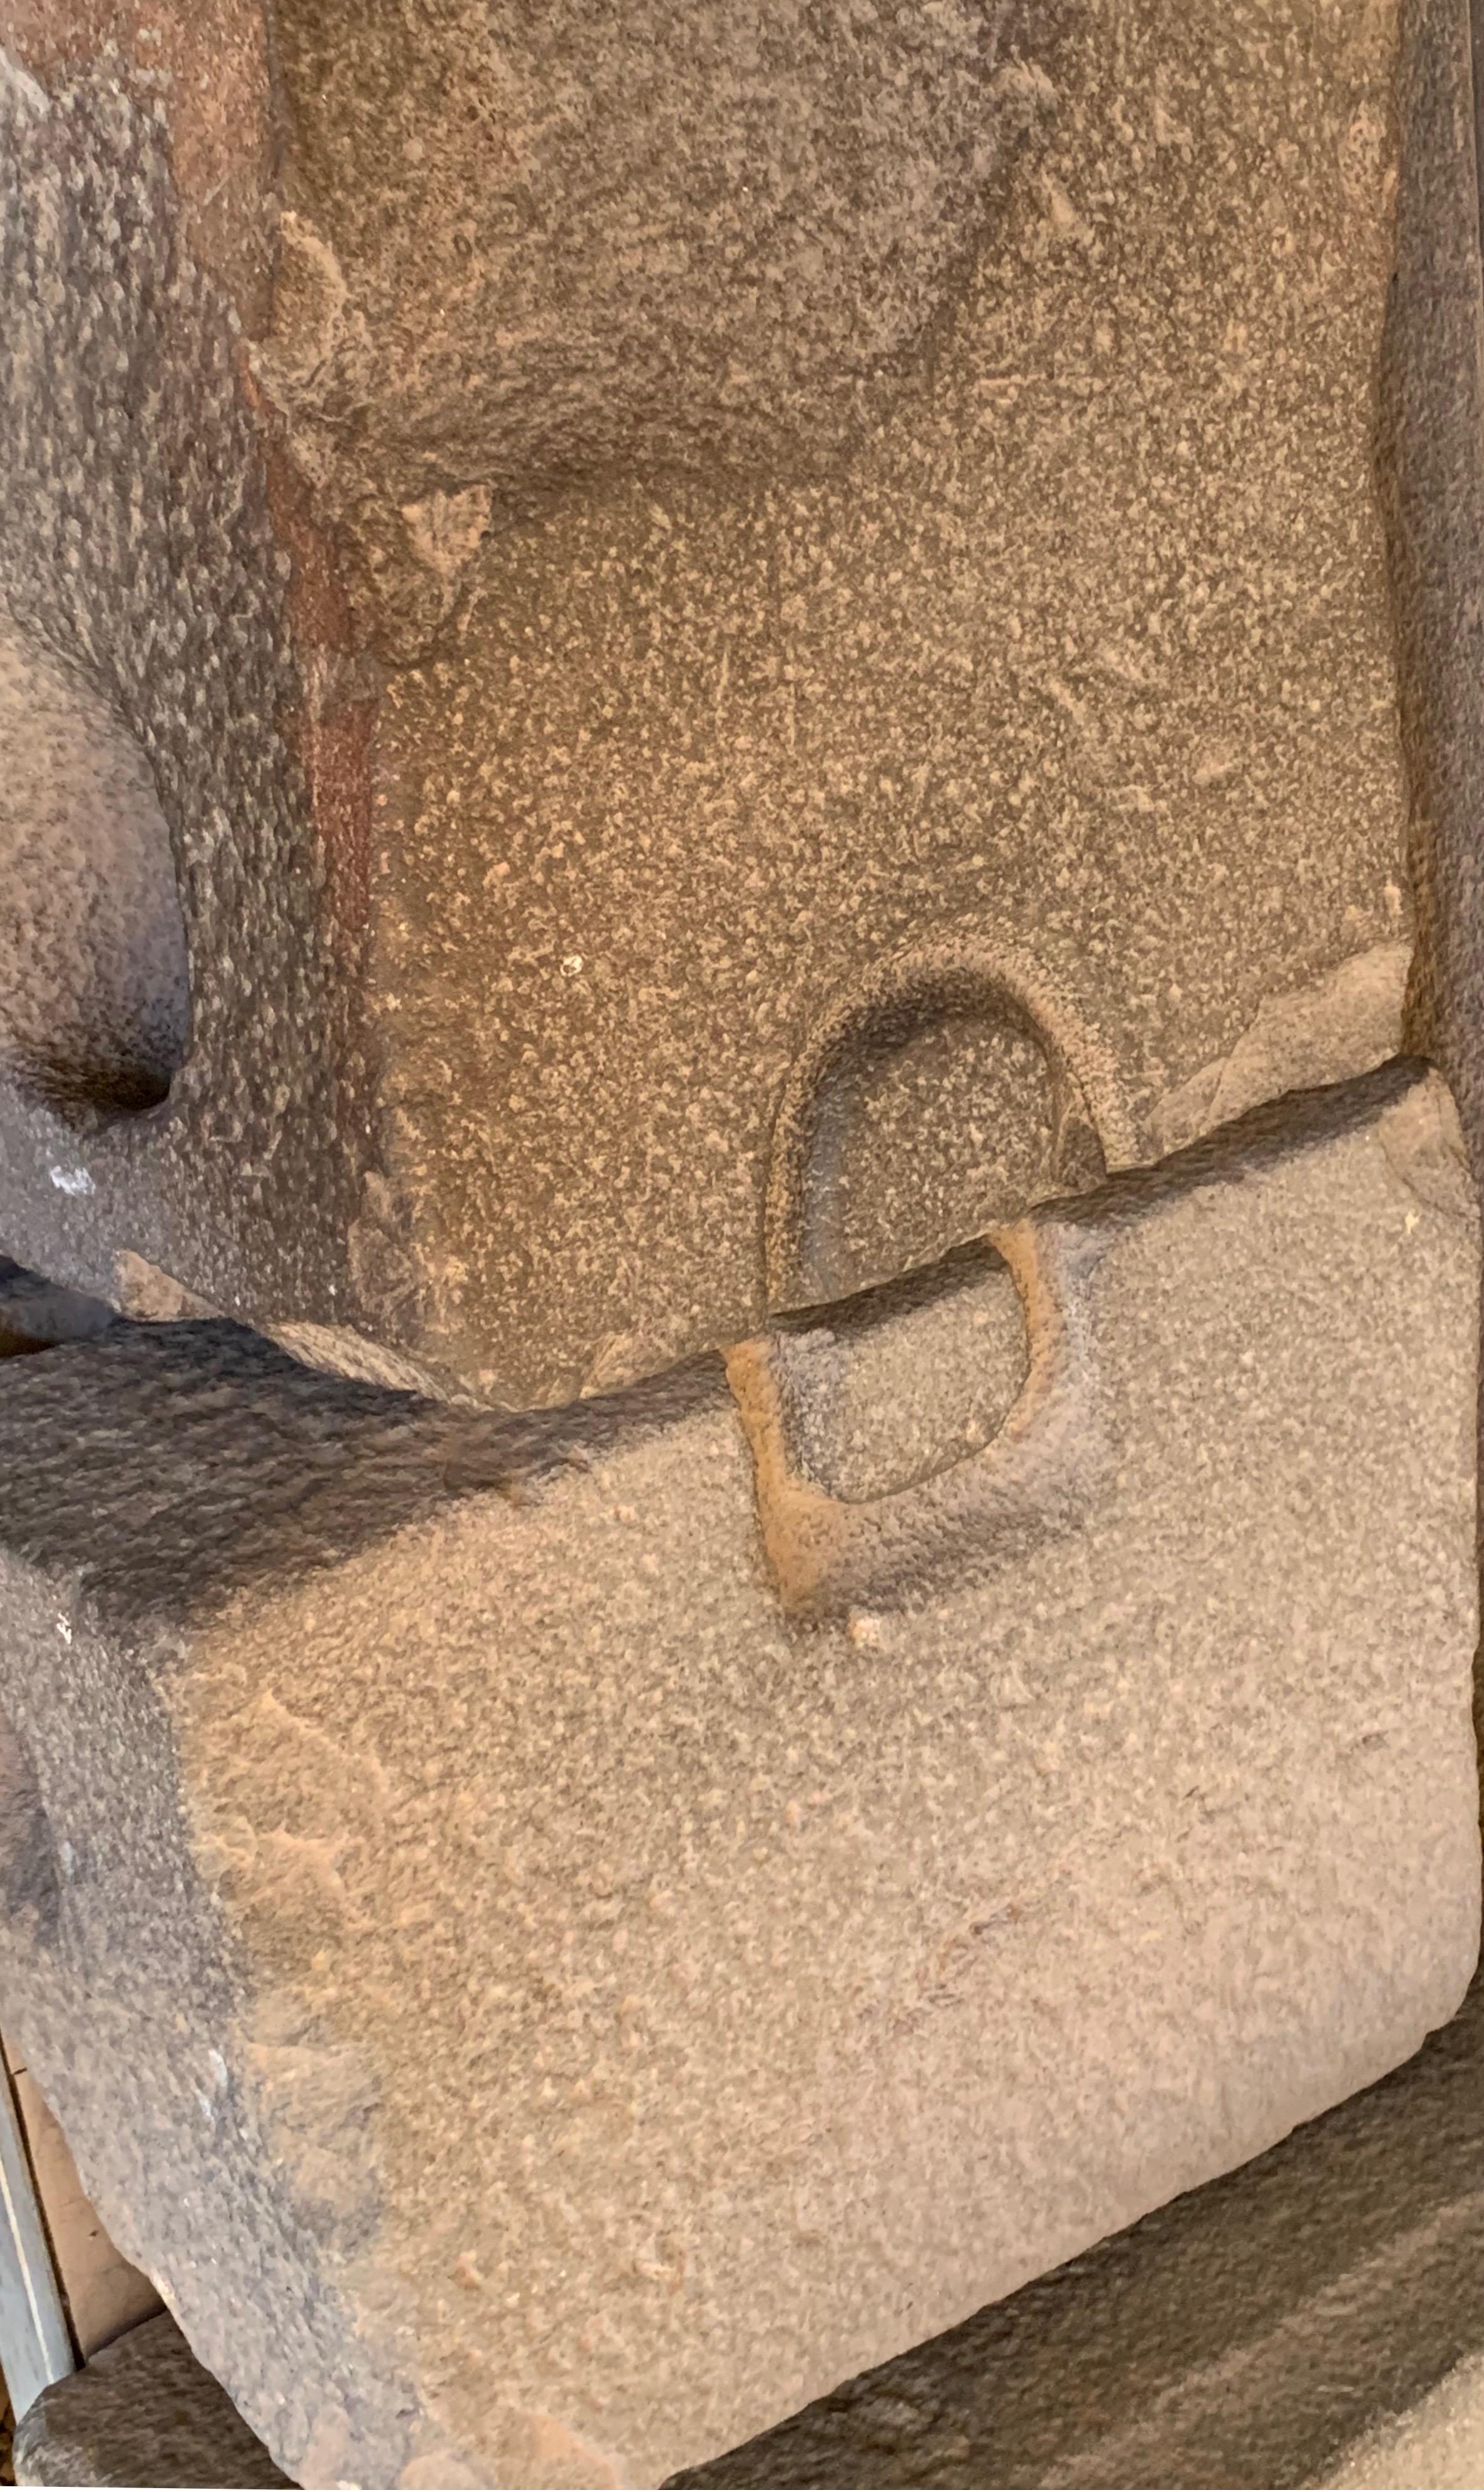 Inca stone locking technique at Qorikancha